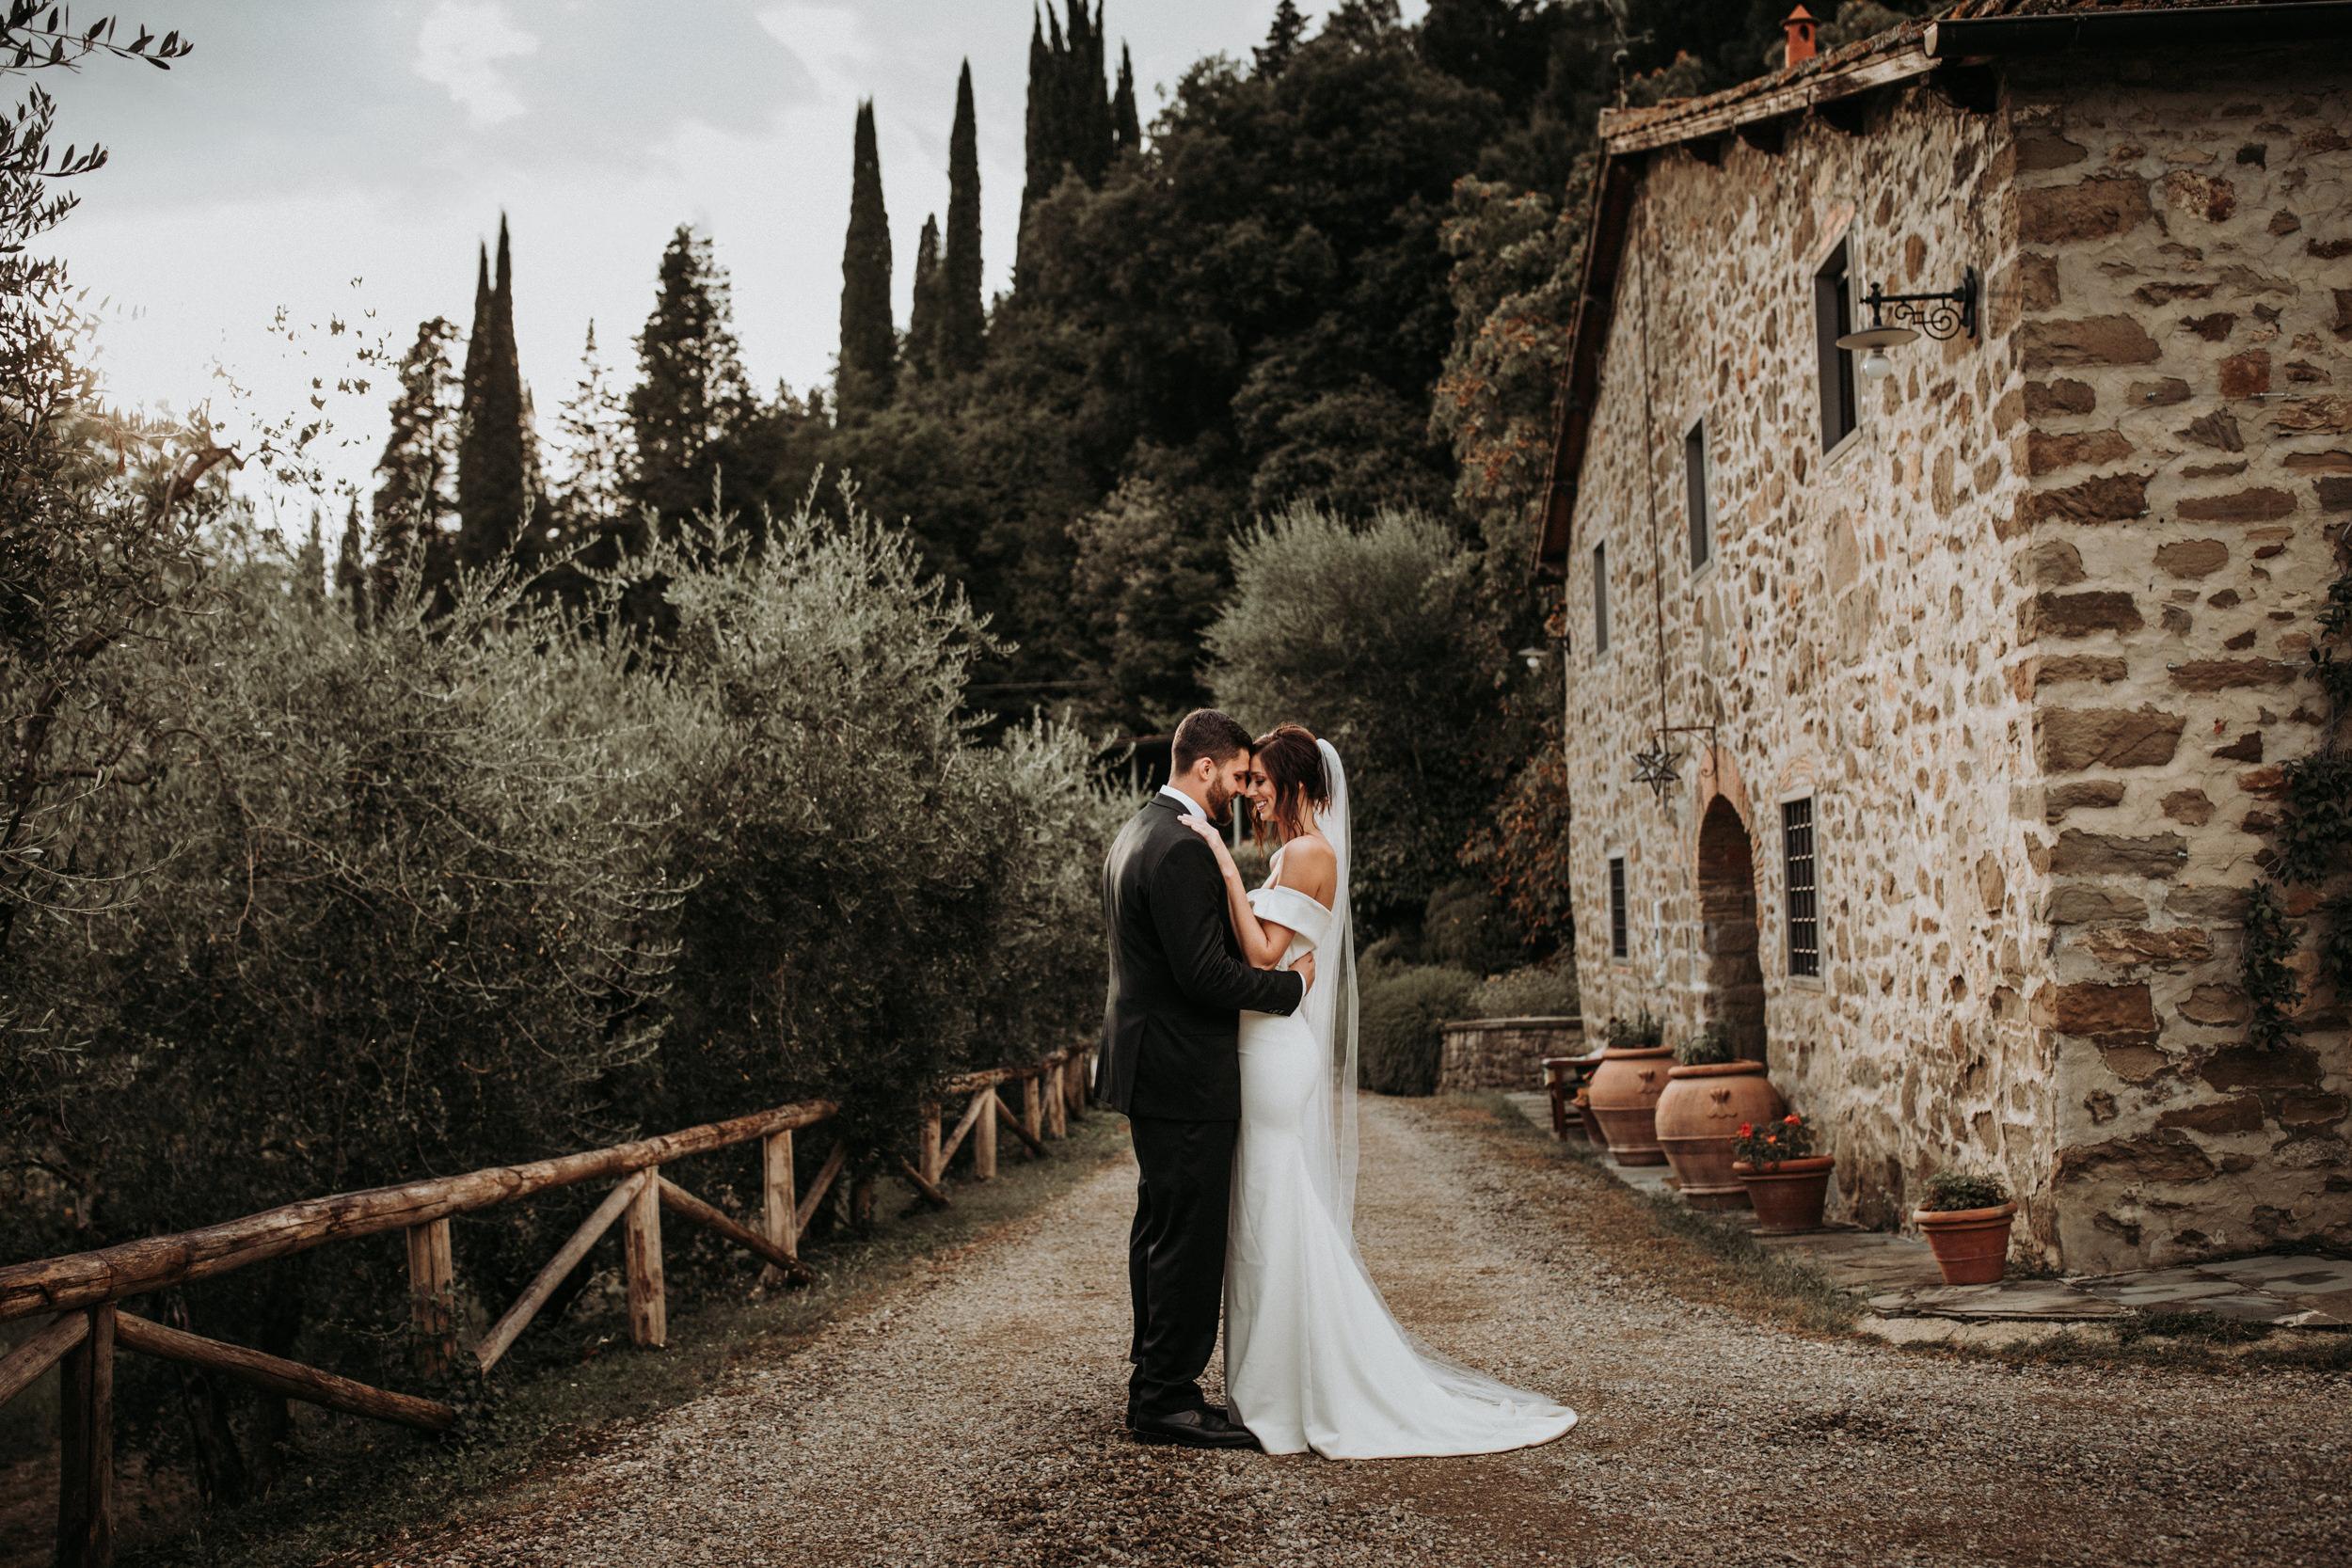 dm_photography_KW_Tuscanyweddingday_302